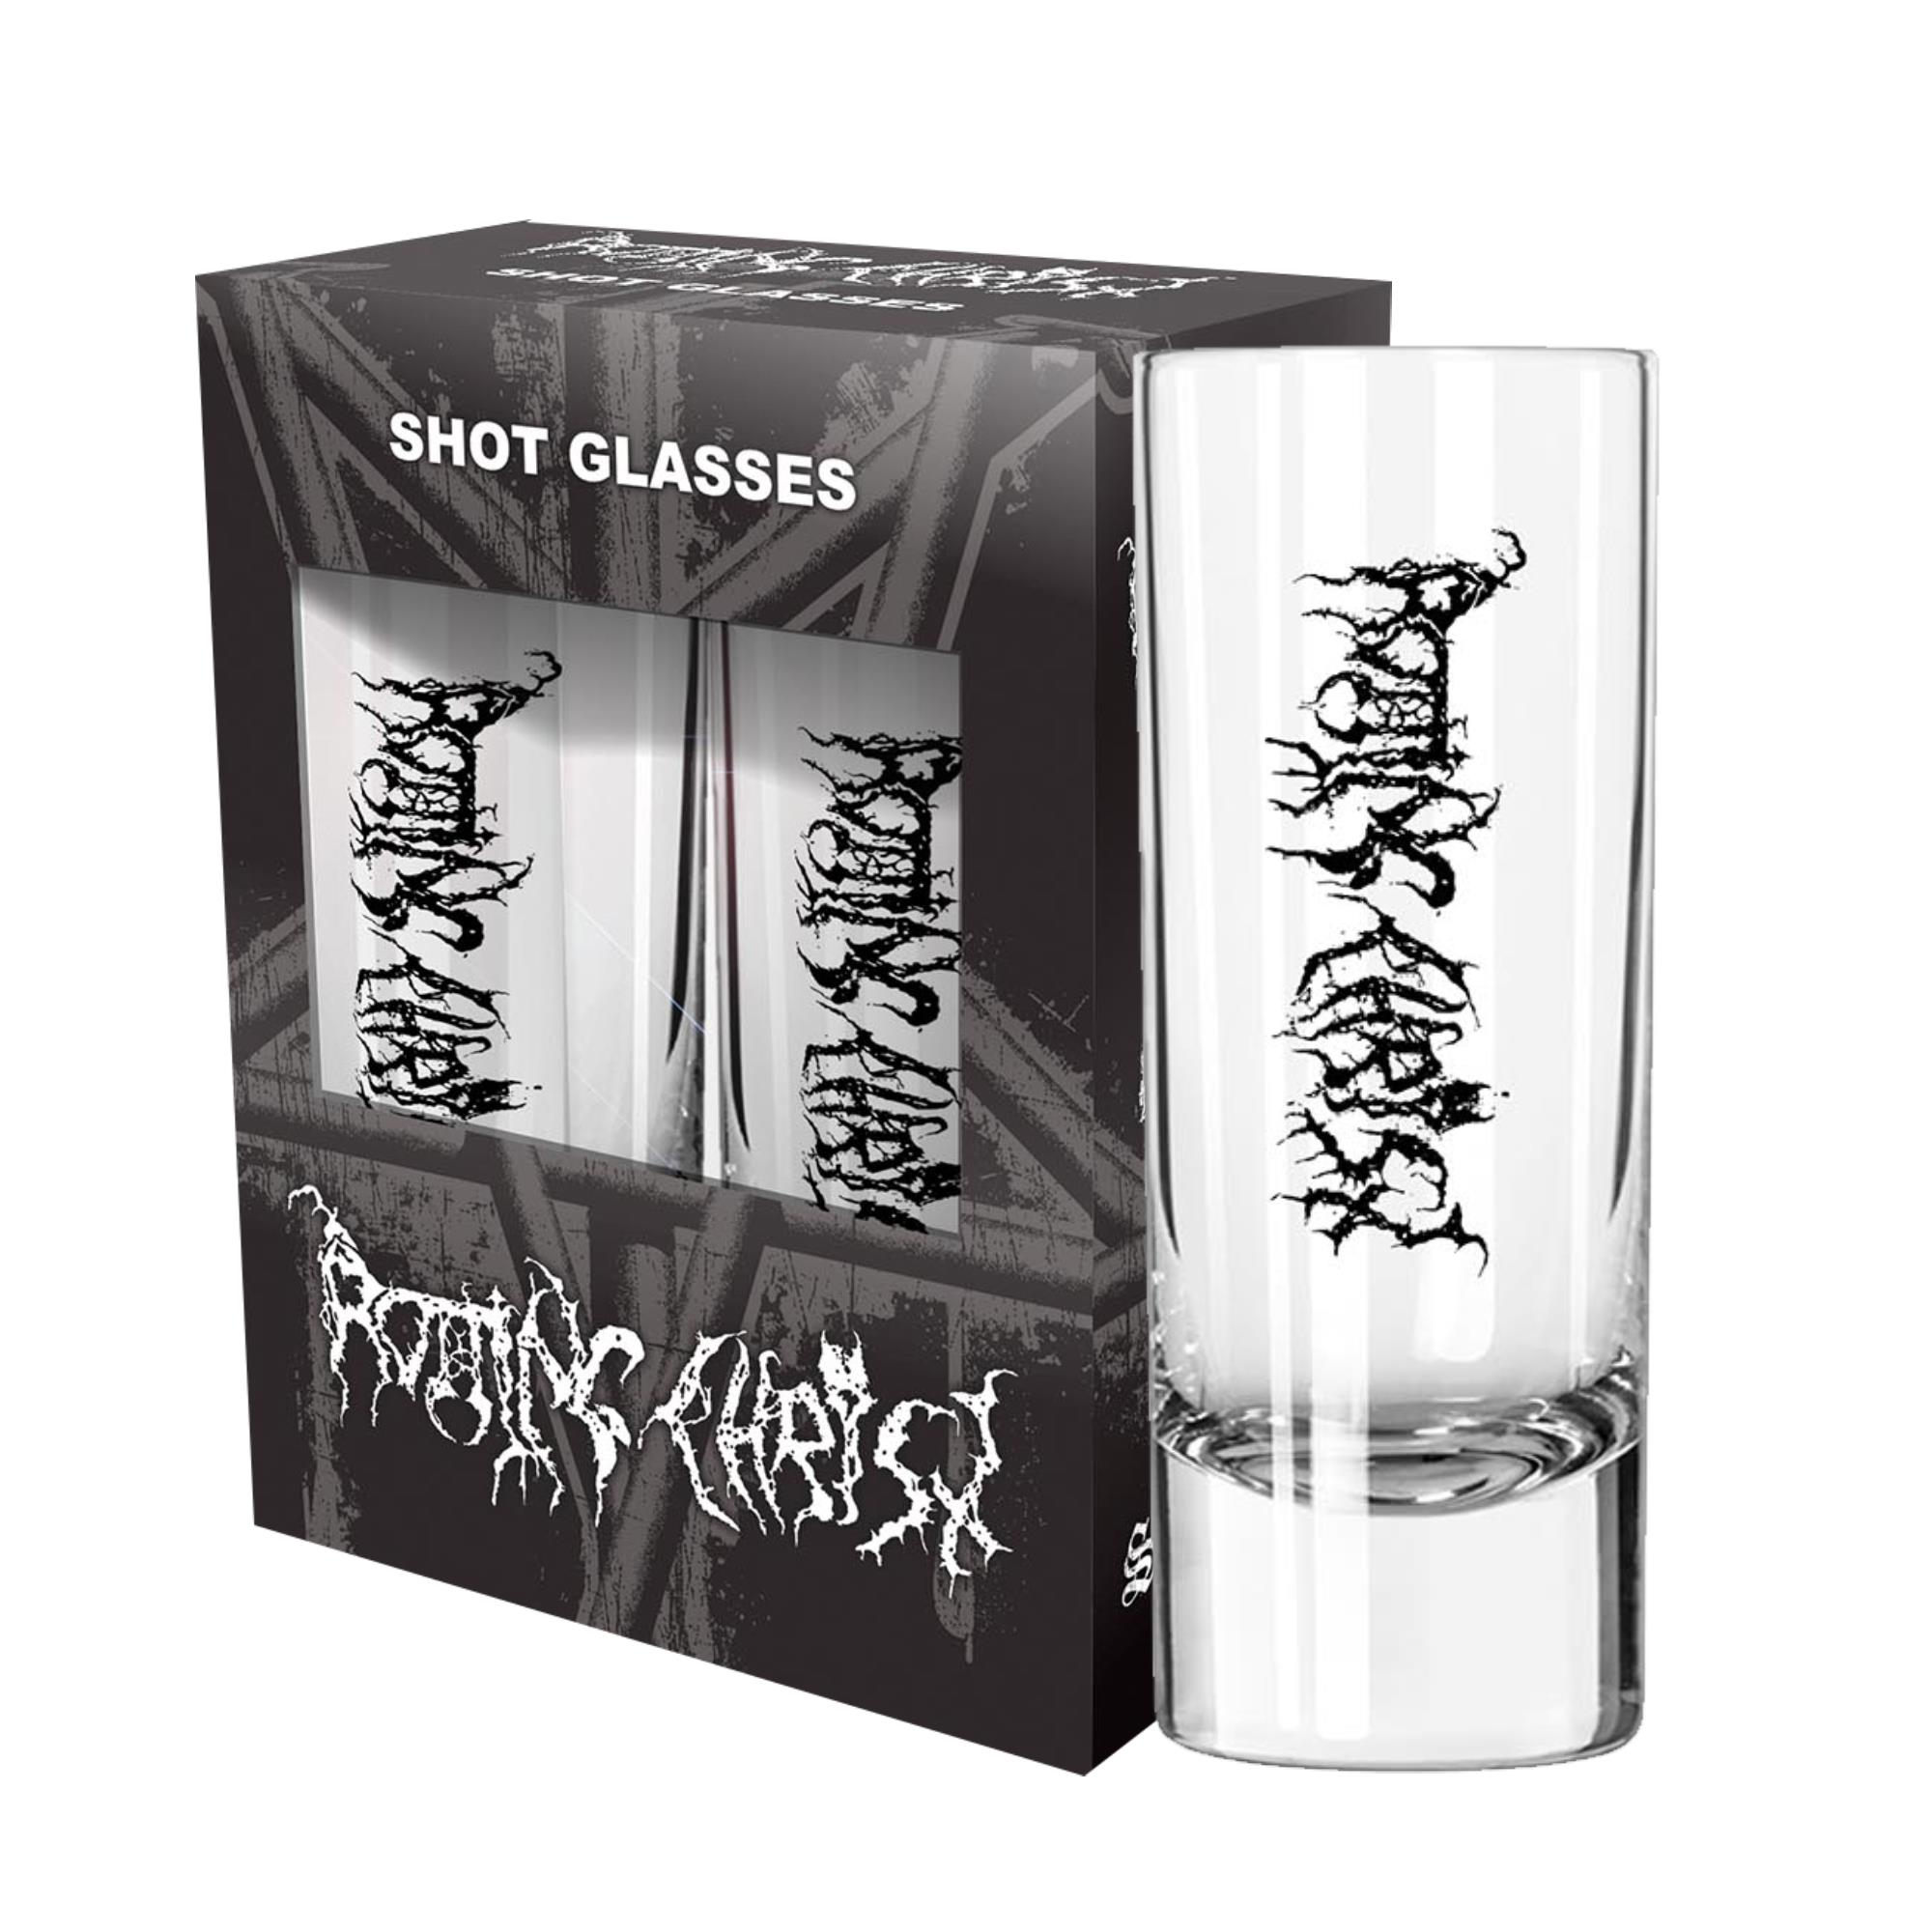 Since 1989 Shot Glass